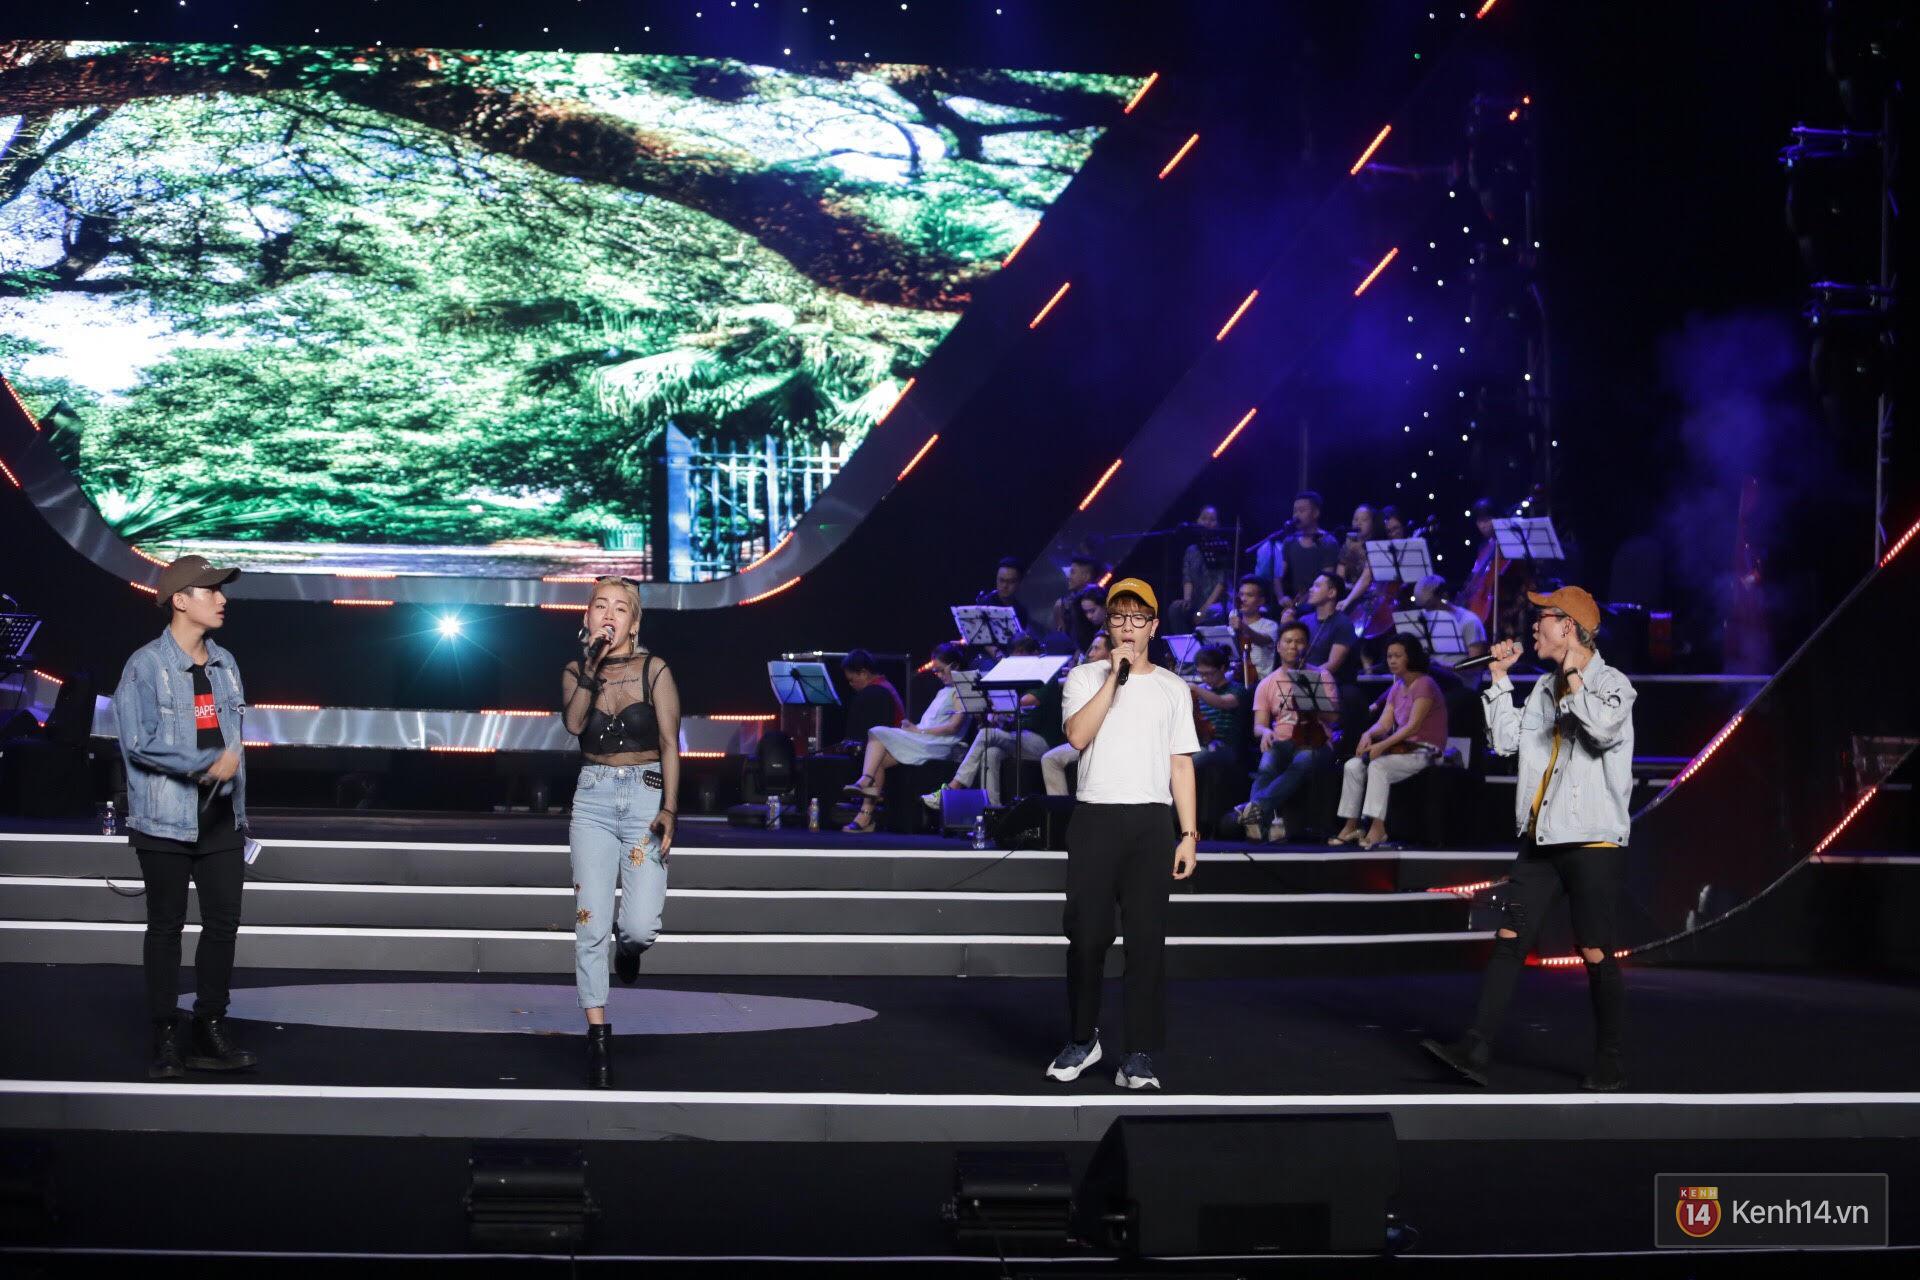 Diva Hồng Nhung gây xúc động, trình diễn như lên đồng tại buổi tổng duyệt Gala WeChoice Awards 2016 - Ảnh 3.